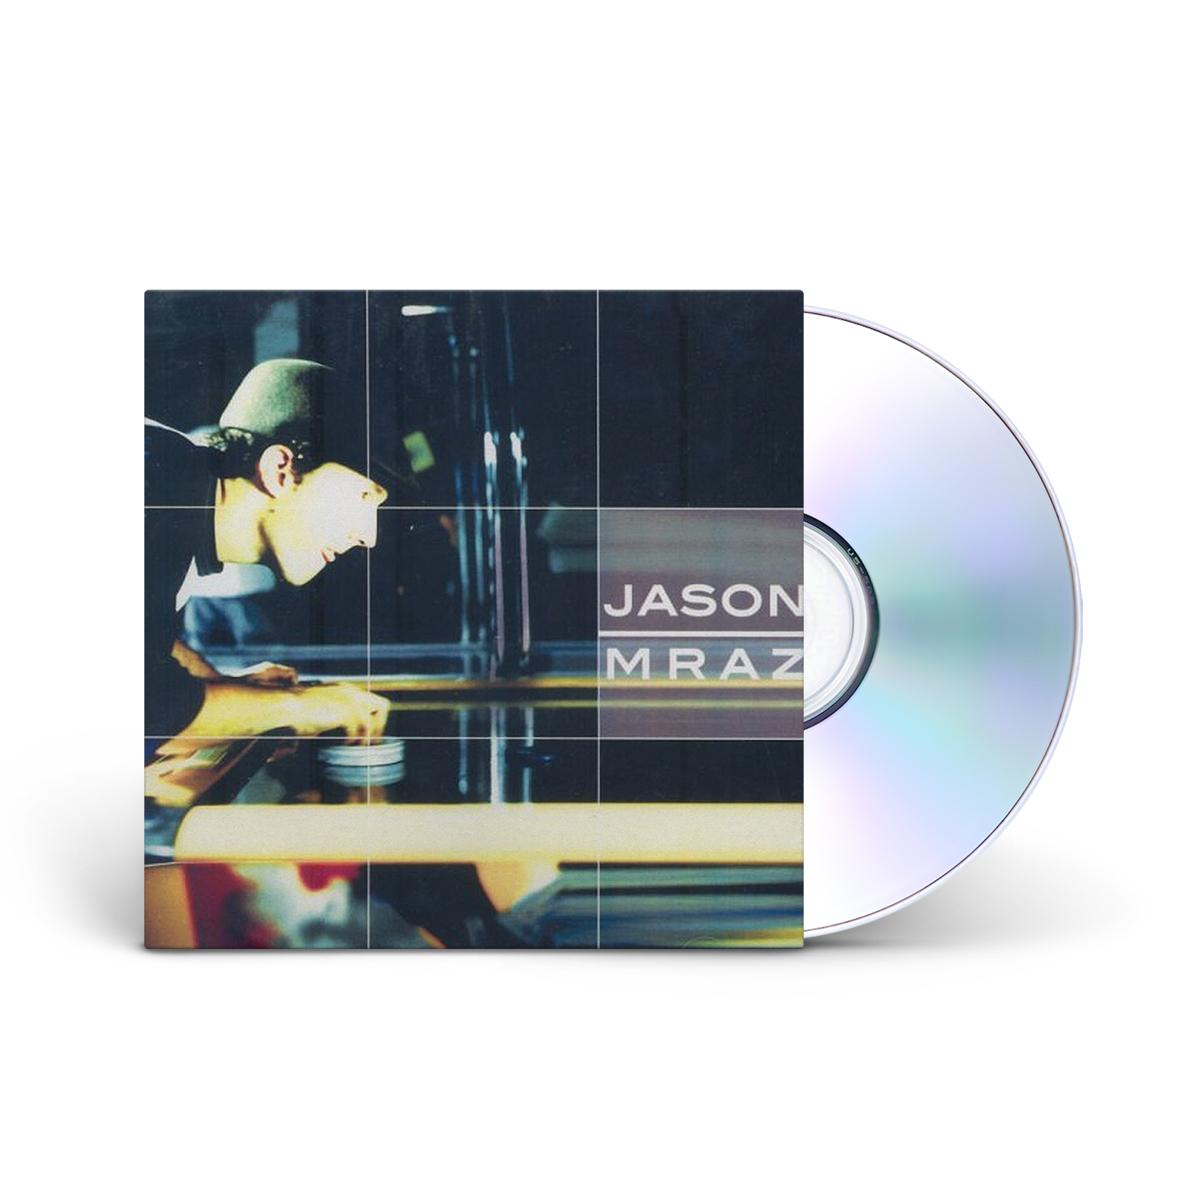 Jason Mraz Live And Acoustic 2001 CD